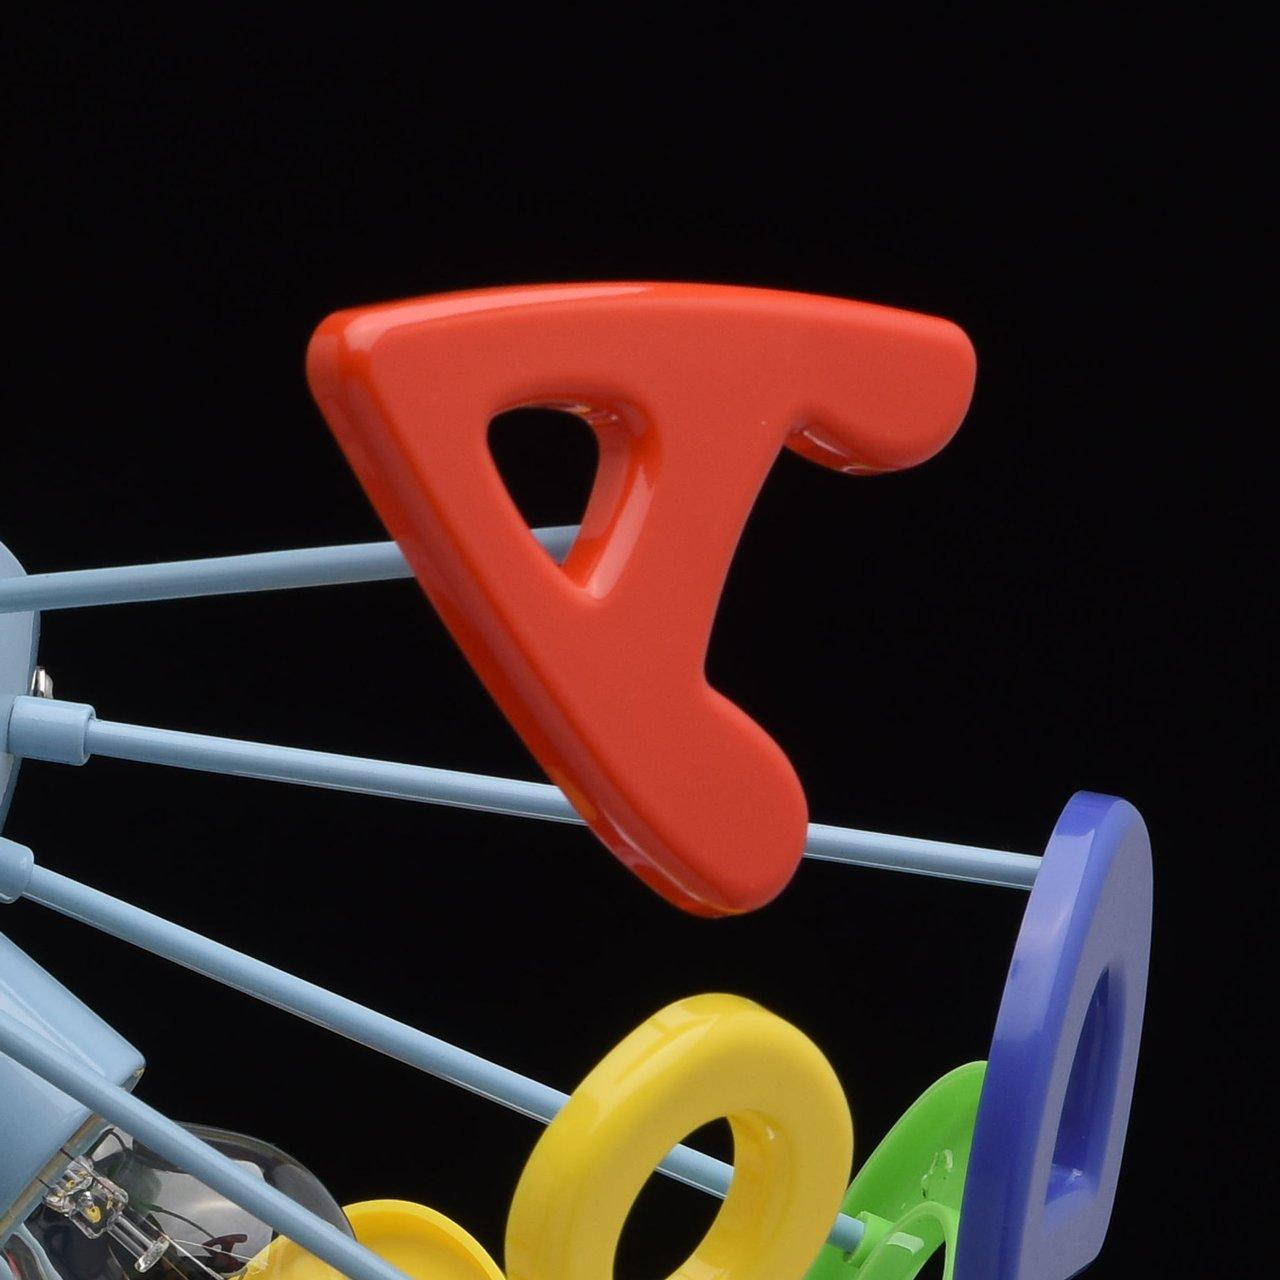 Plafoniera ecologica plastica multicolore con lettere decorative ...